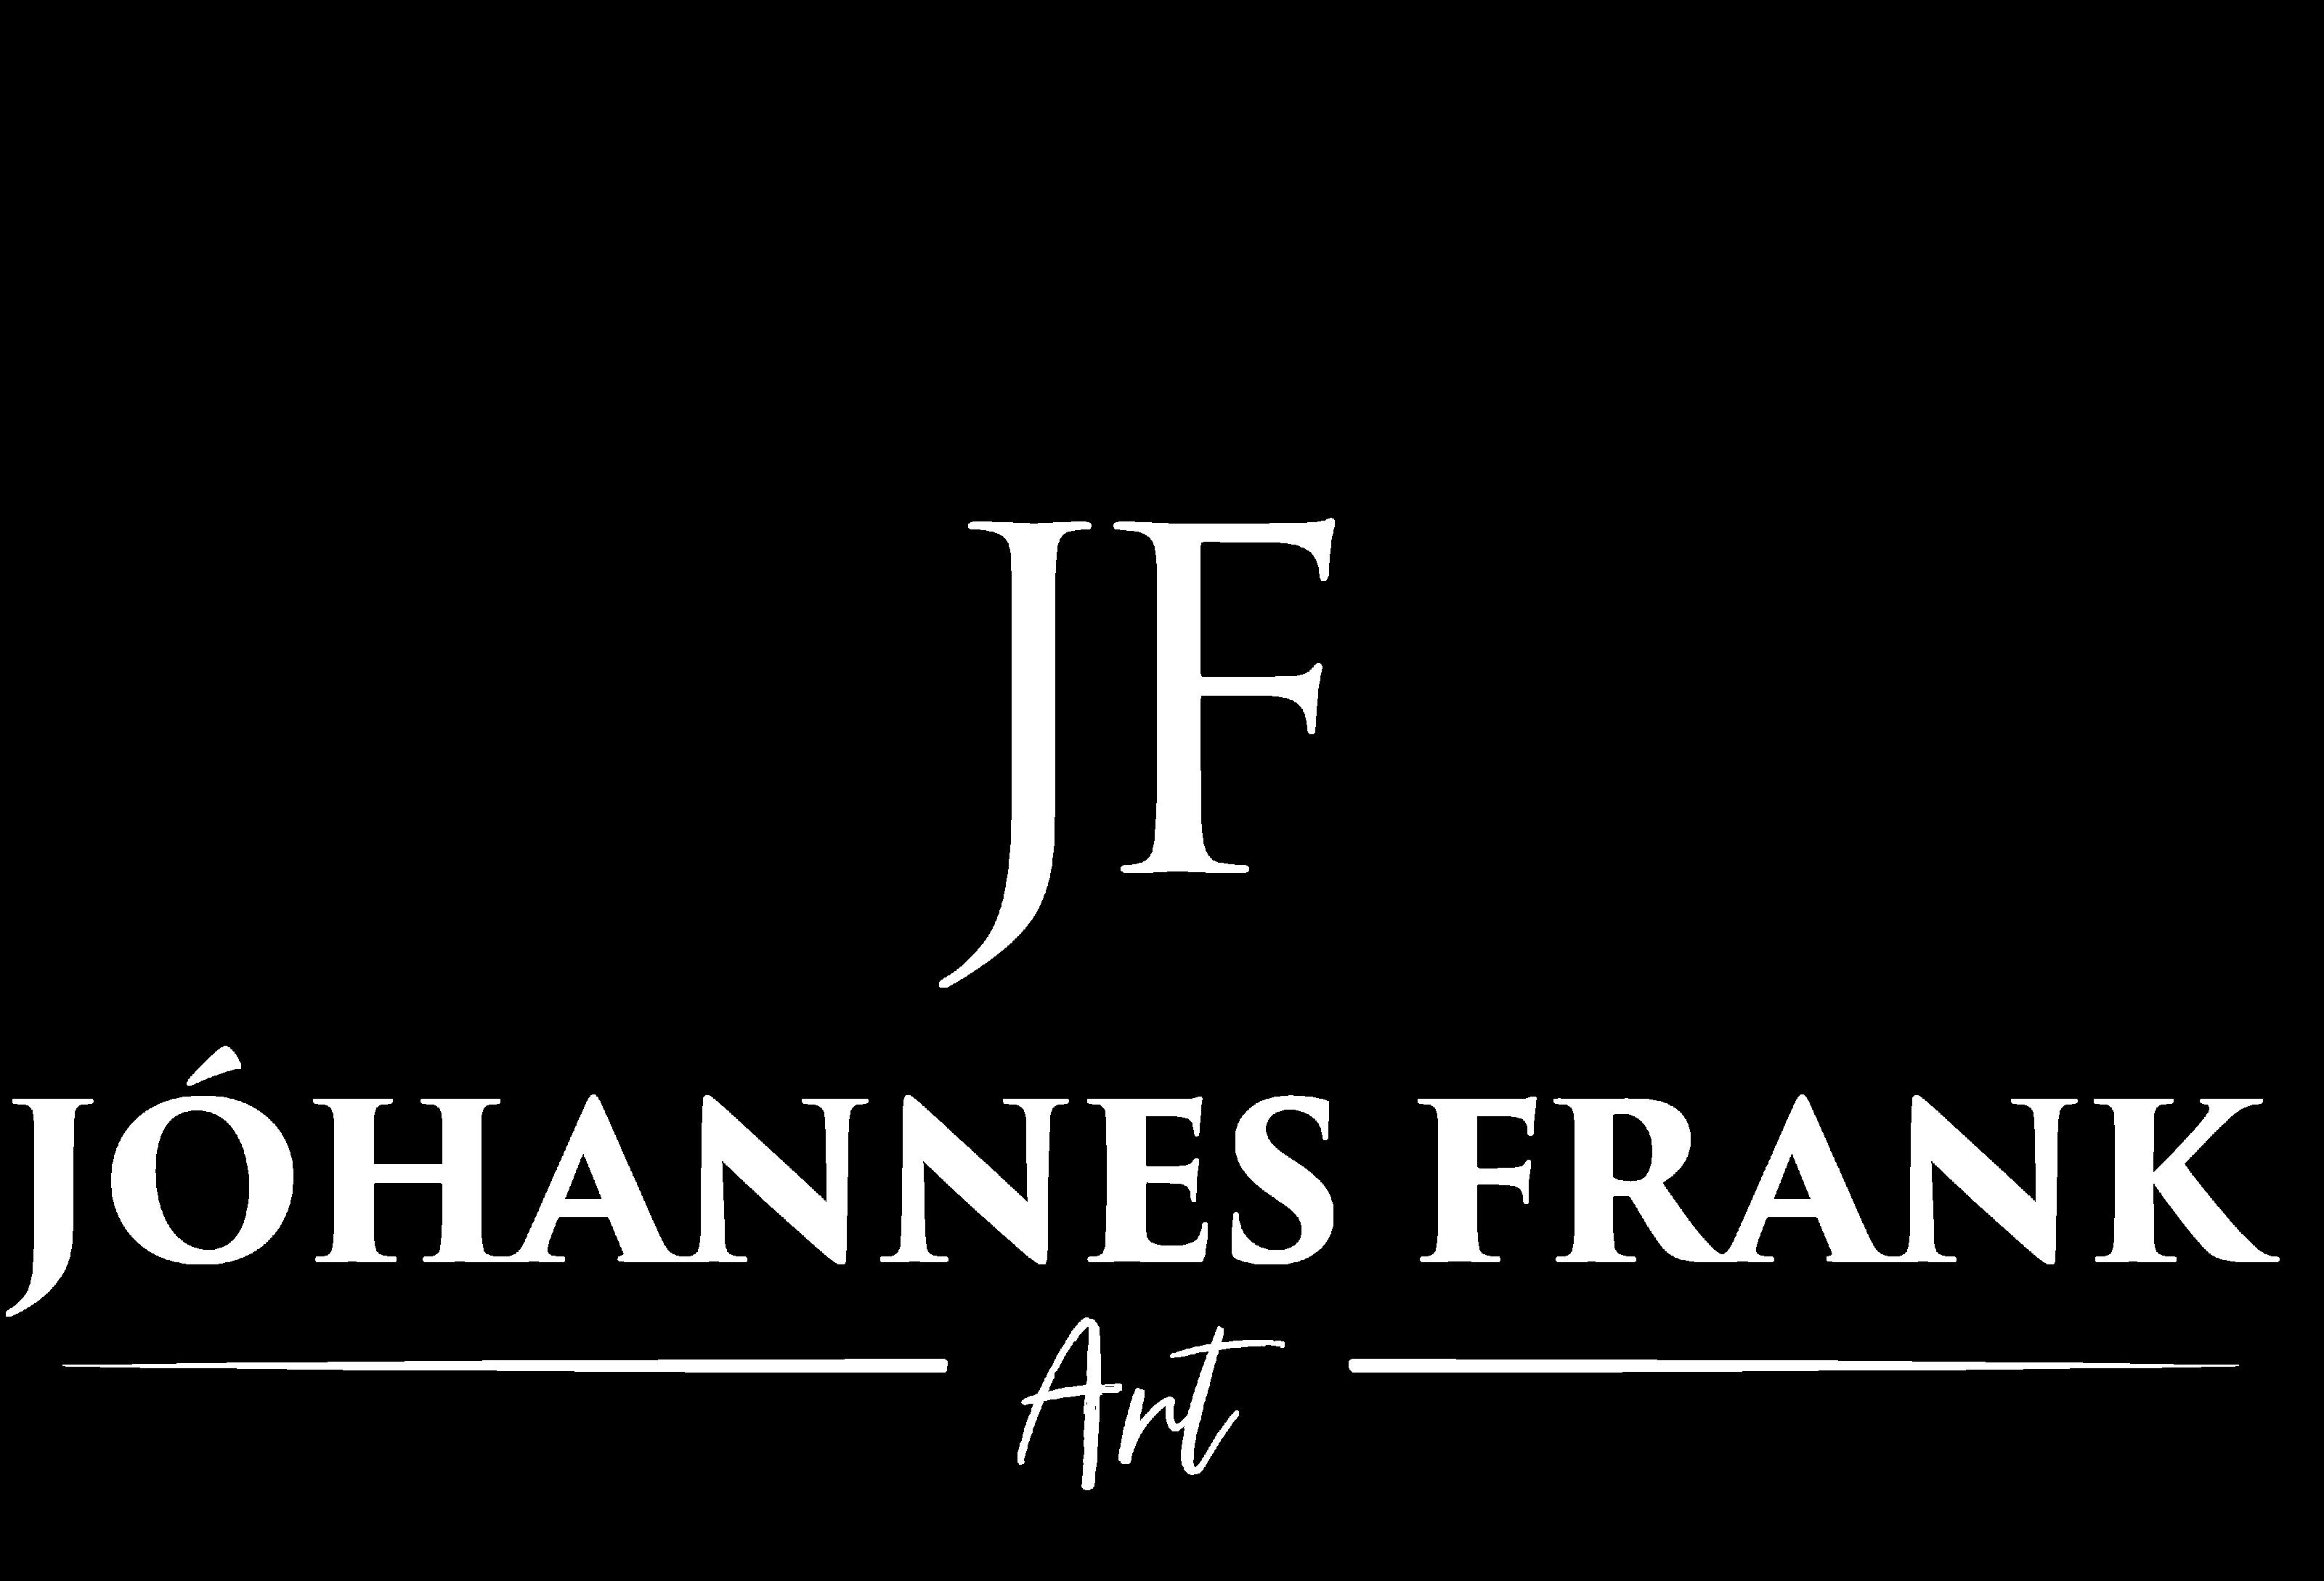 johannesfrank.com